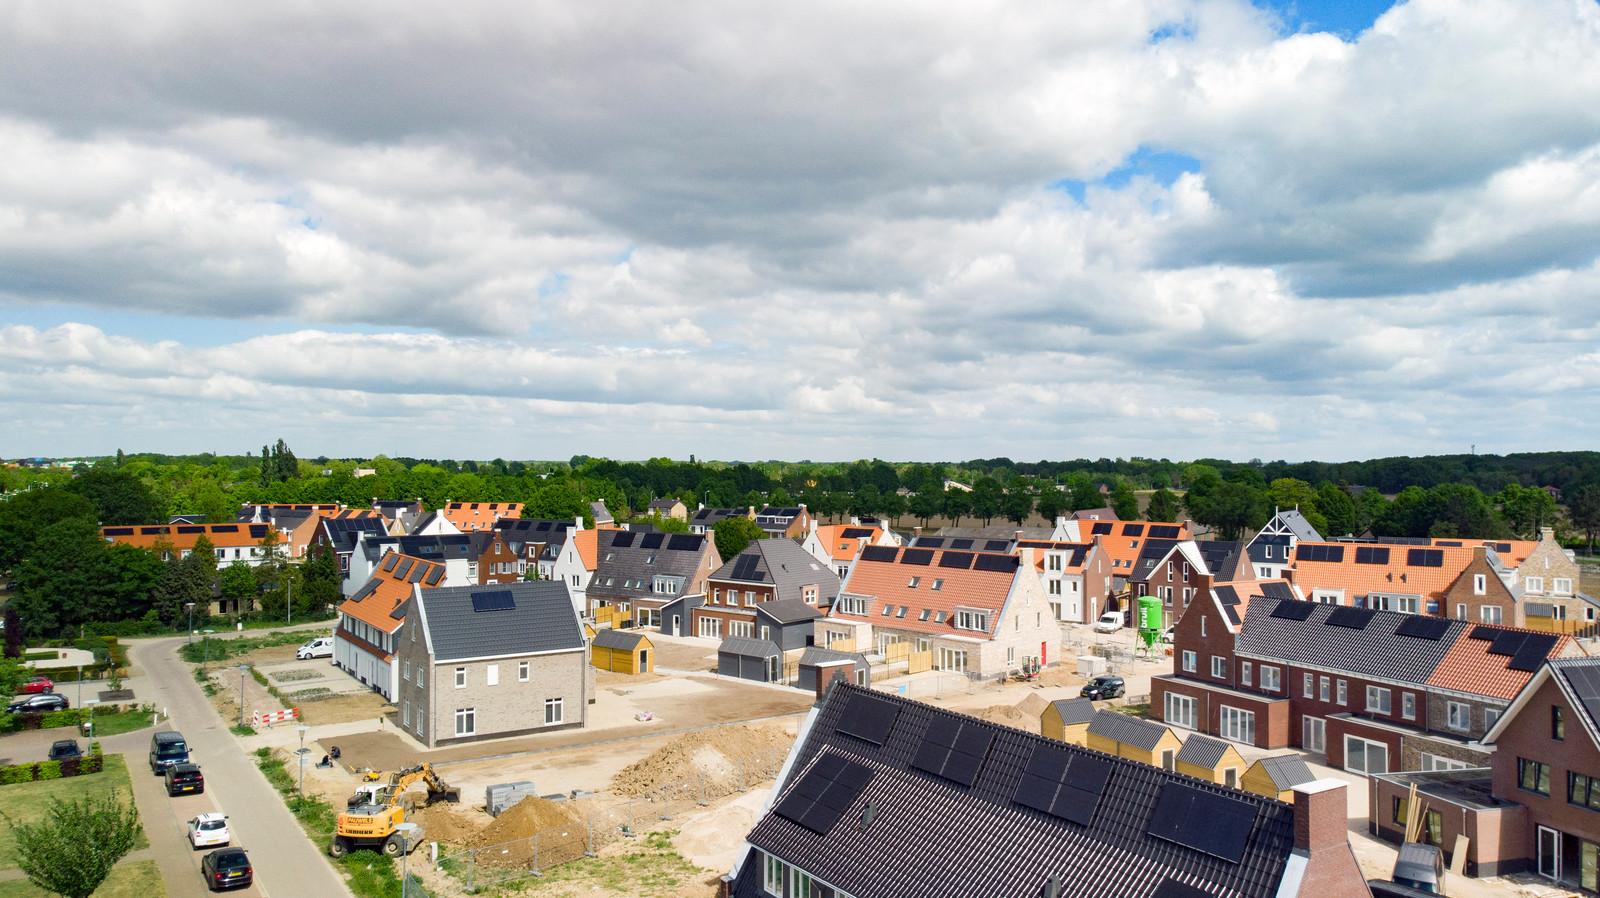 Aan de Wijchense wijk Huurlingsedam wordt nog volop gebouwd.